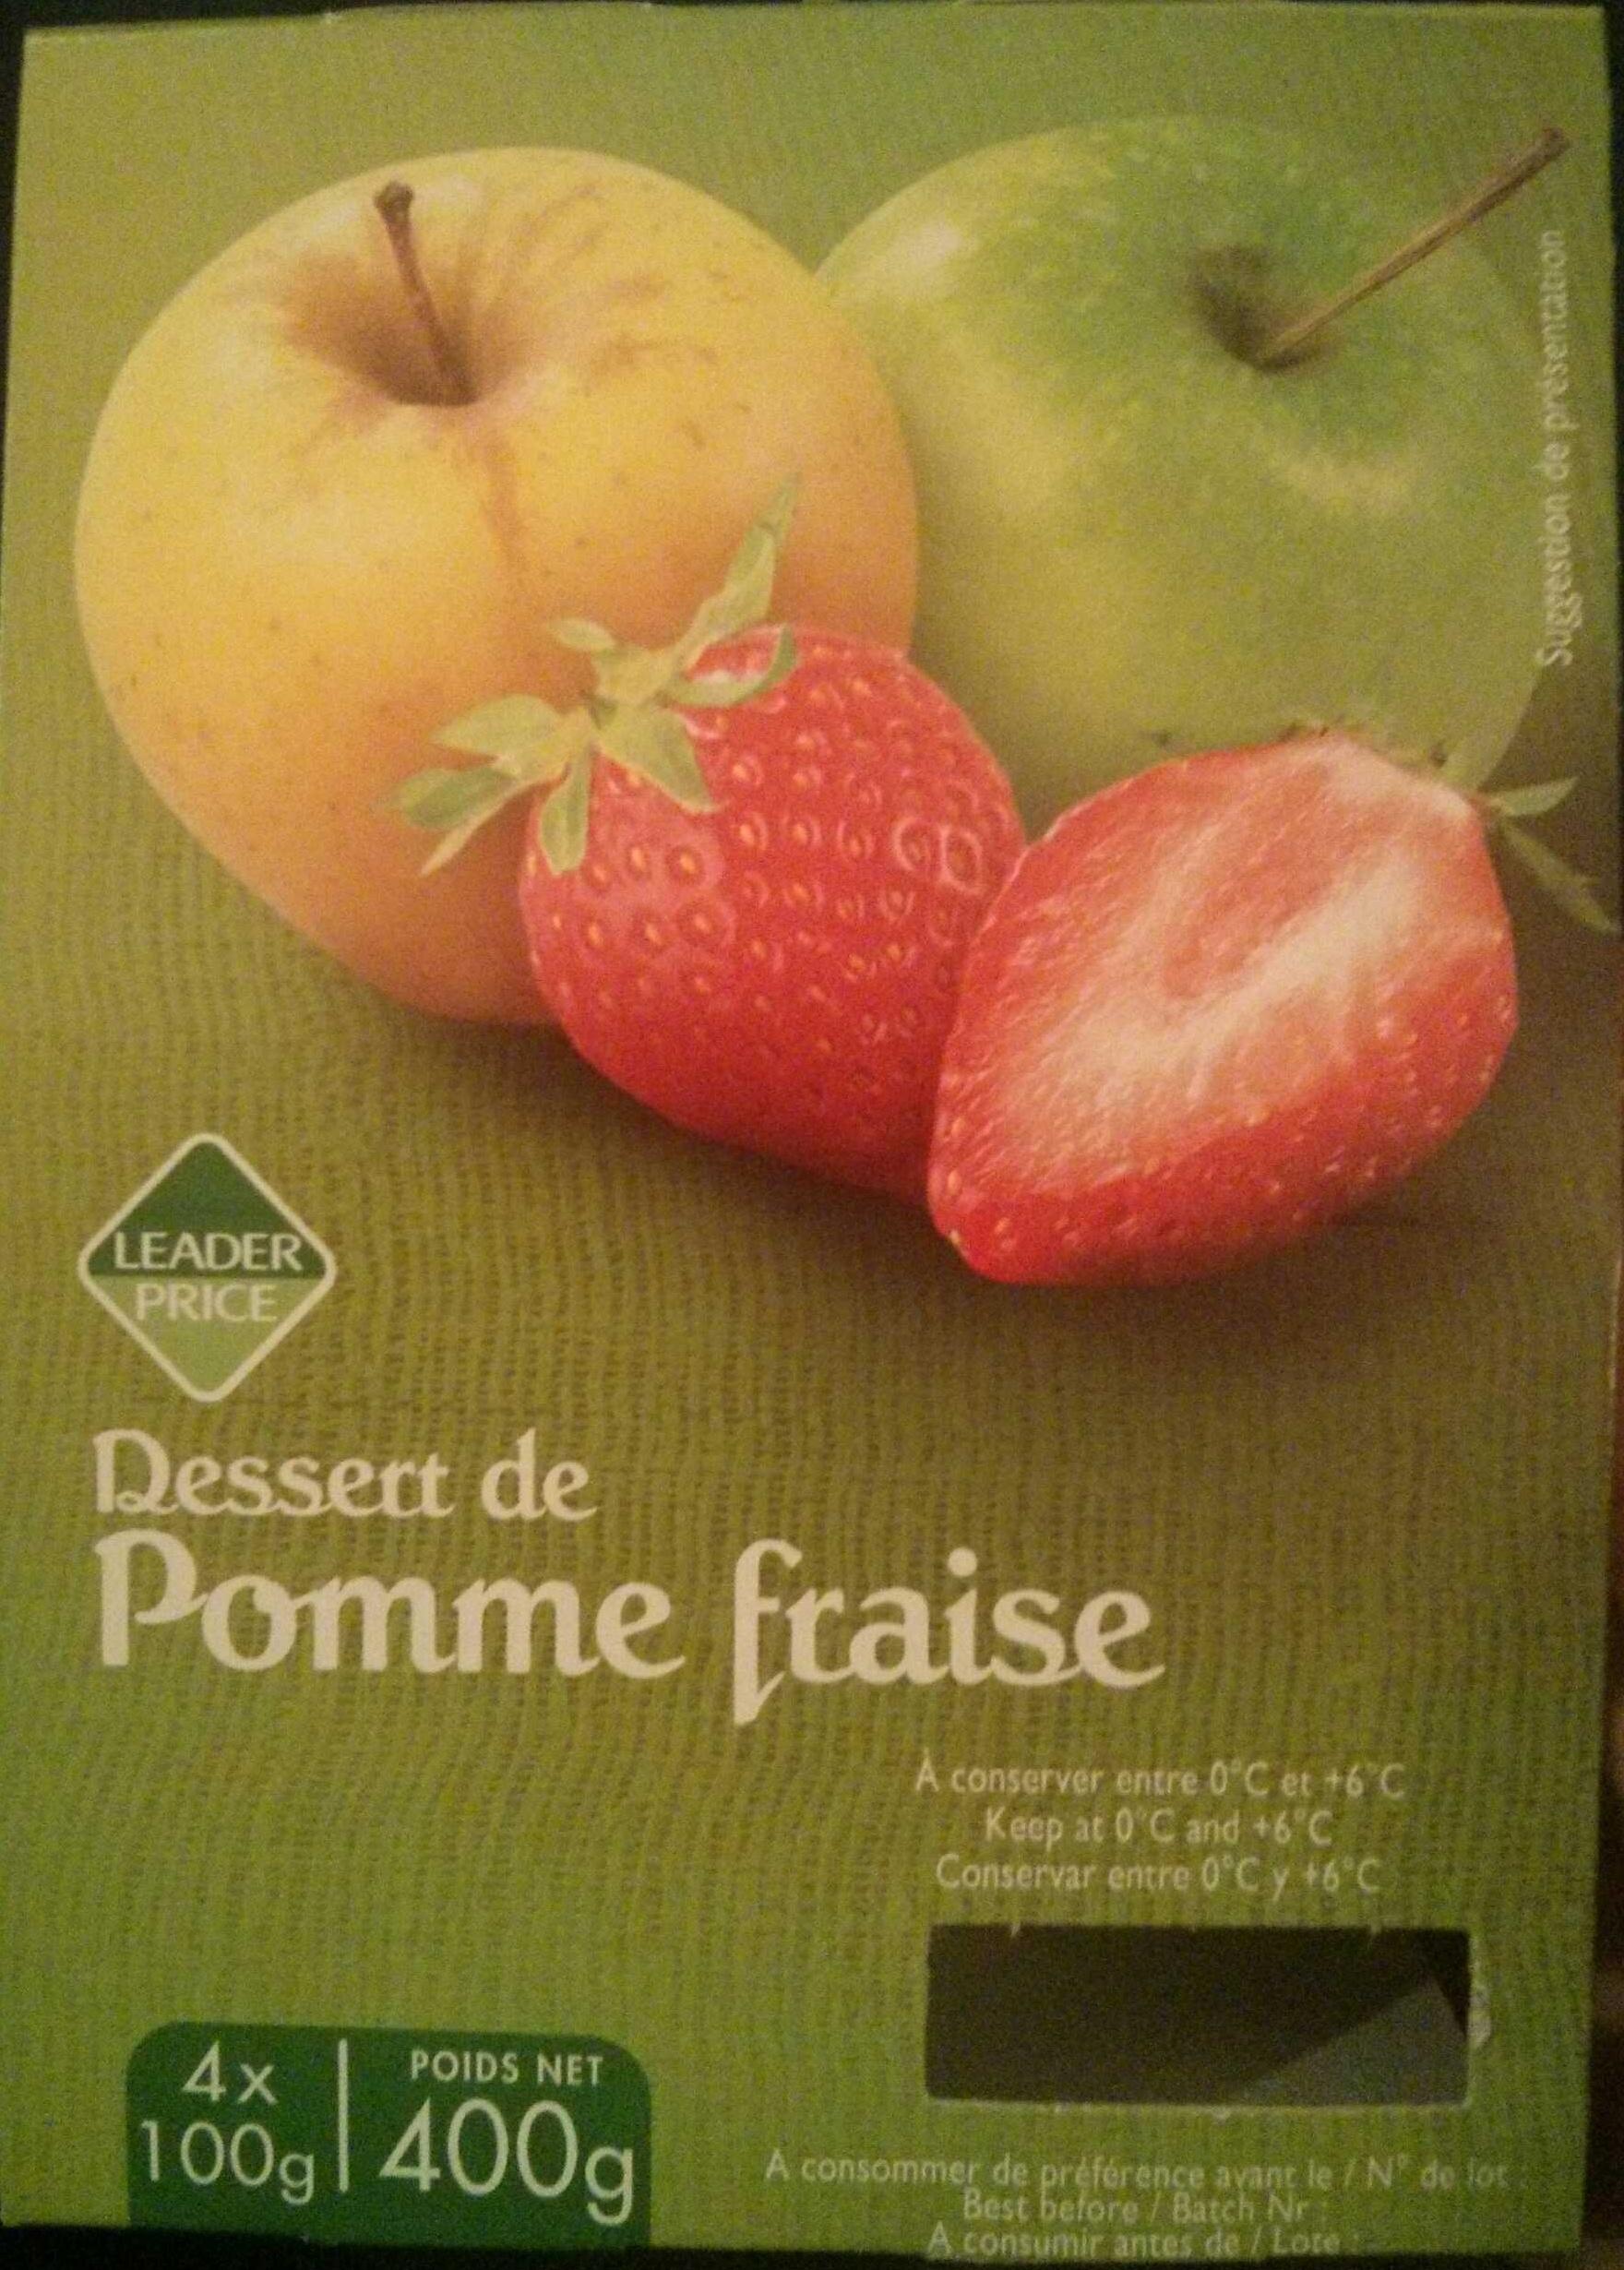 Dessert de pomme fraise - Produkt